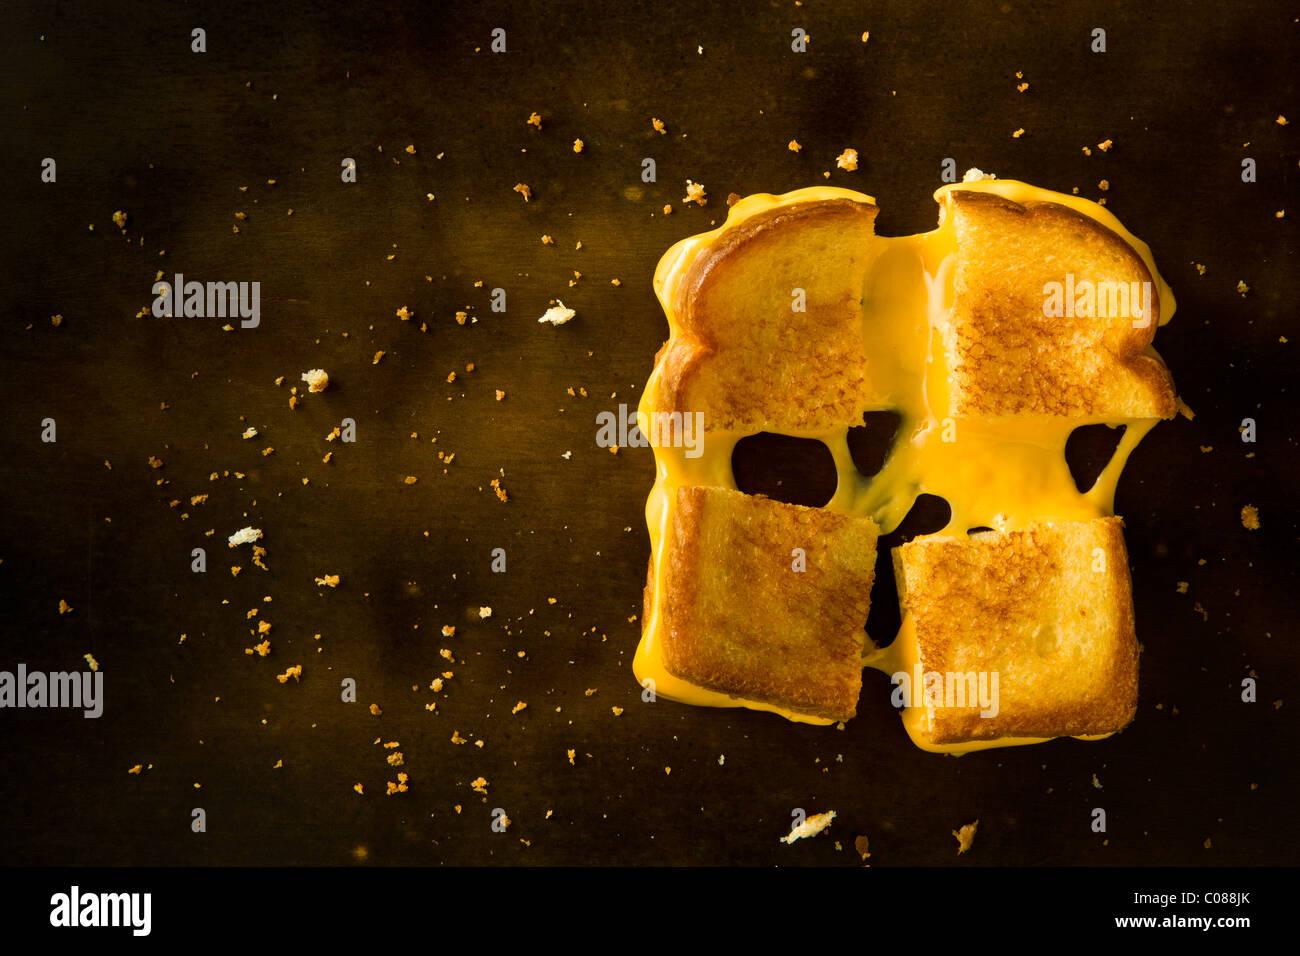 Un sándwich de queso cortado en cuatro cuadrados tirando del queso sobre una tabla de madera Foto de stock